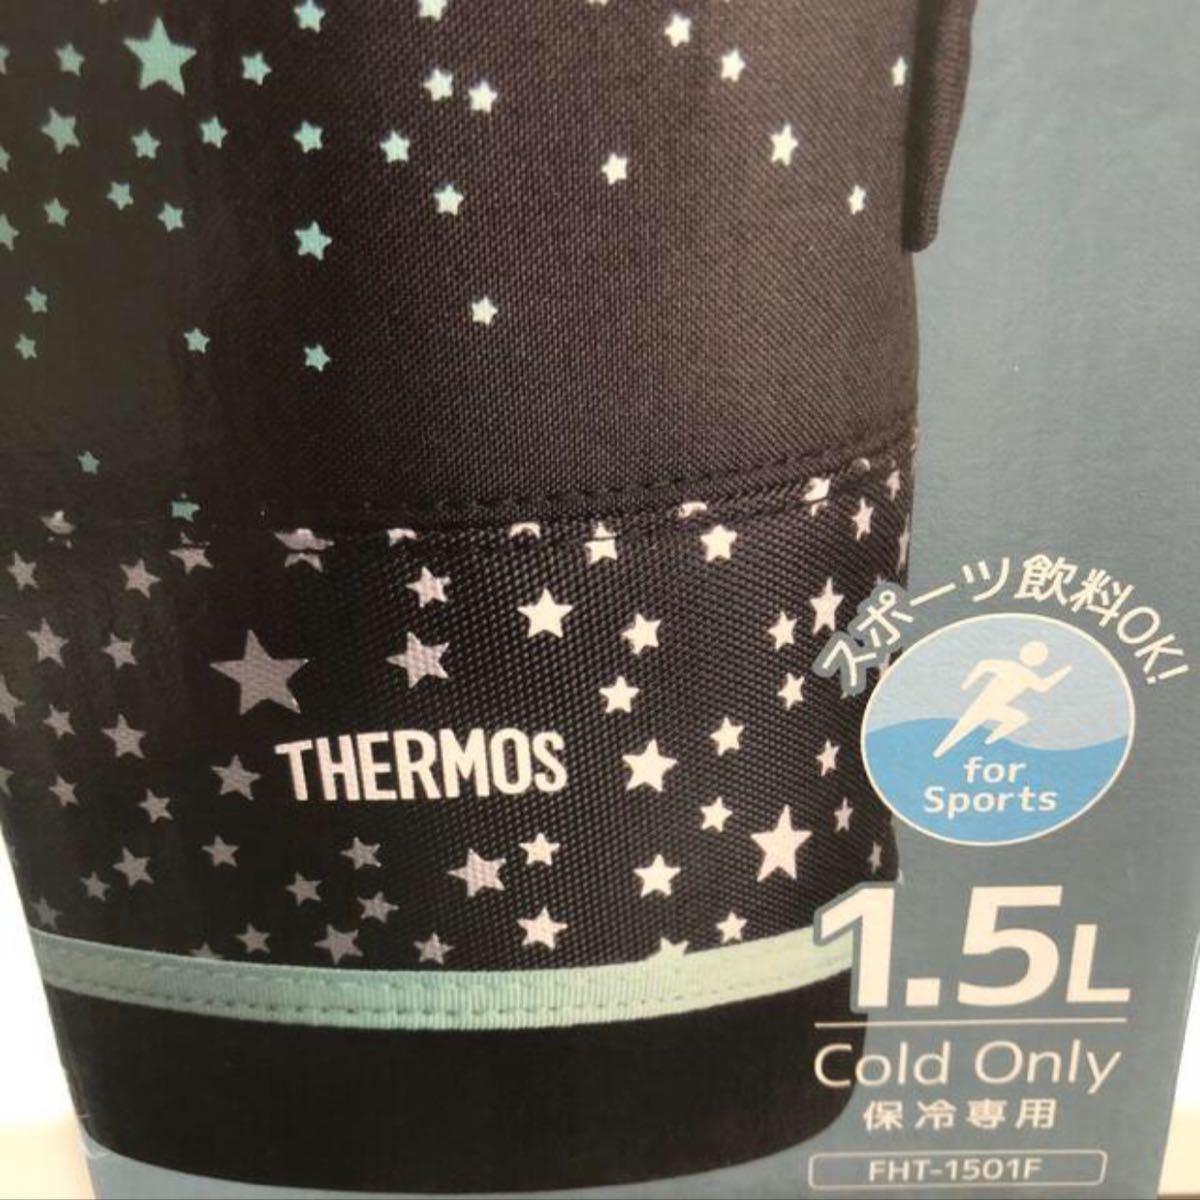 たっぷり1.5L!サーモス真空断熱スポーツボトル 1.5L ブラックスター